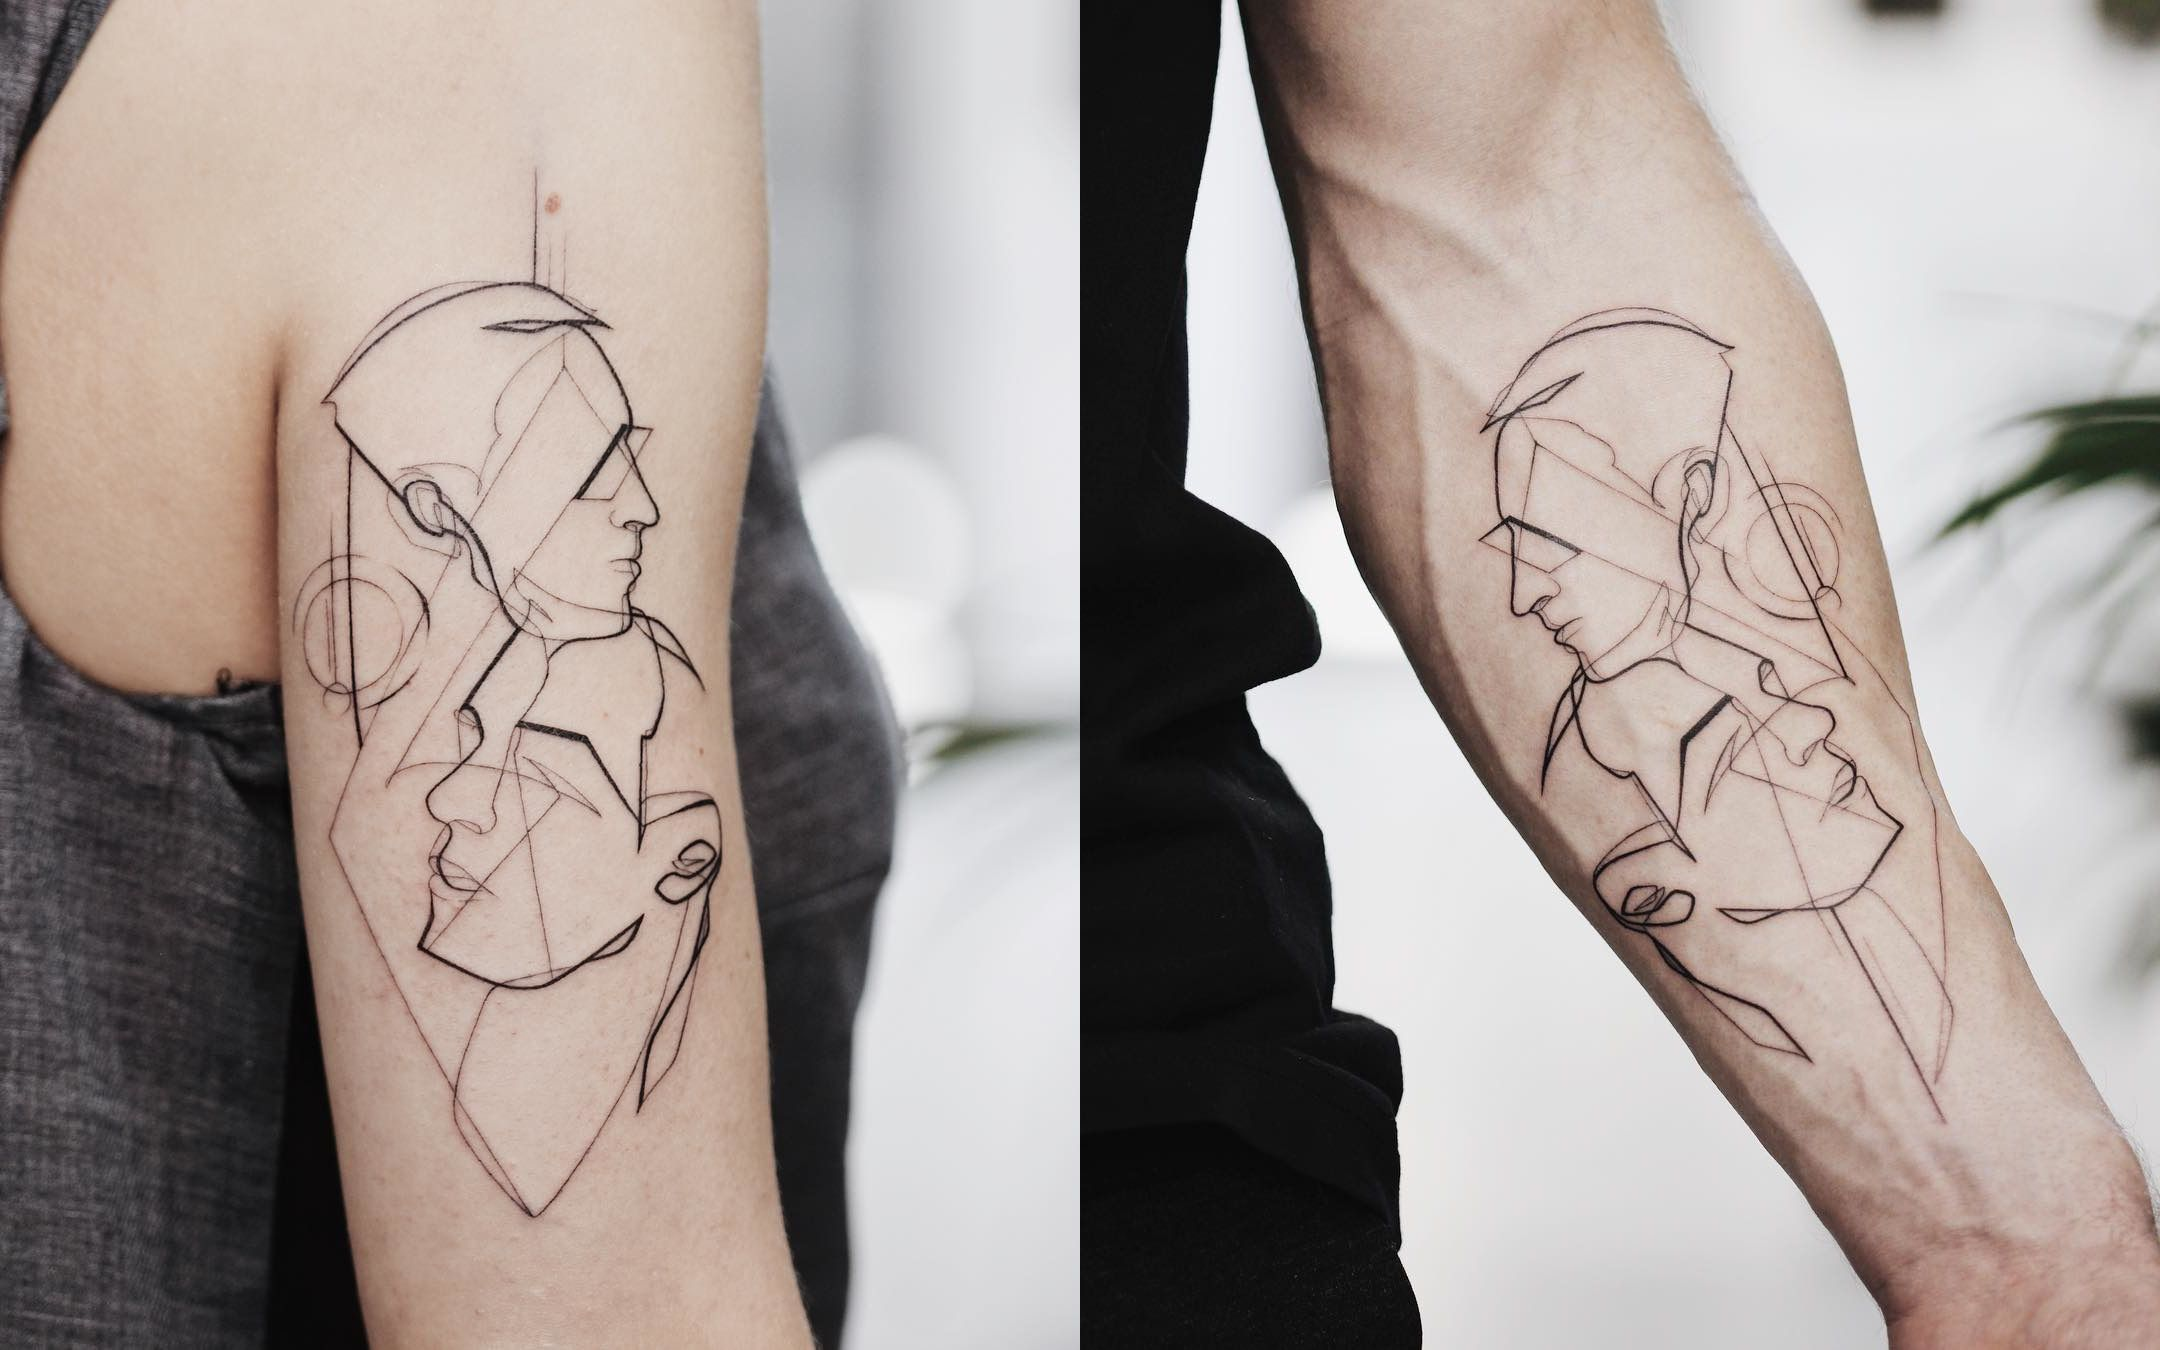 парная татуировка лайнворк портреты в лайнворке тату для пары